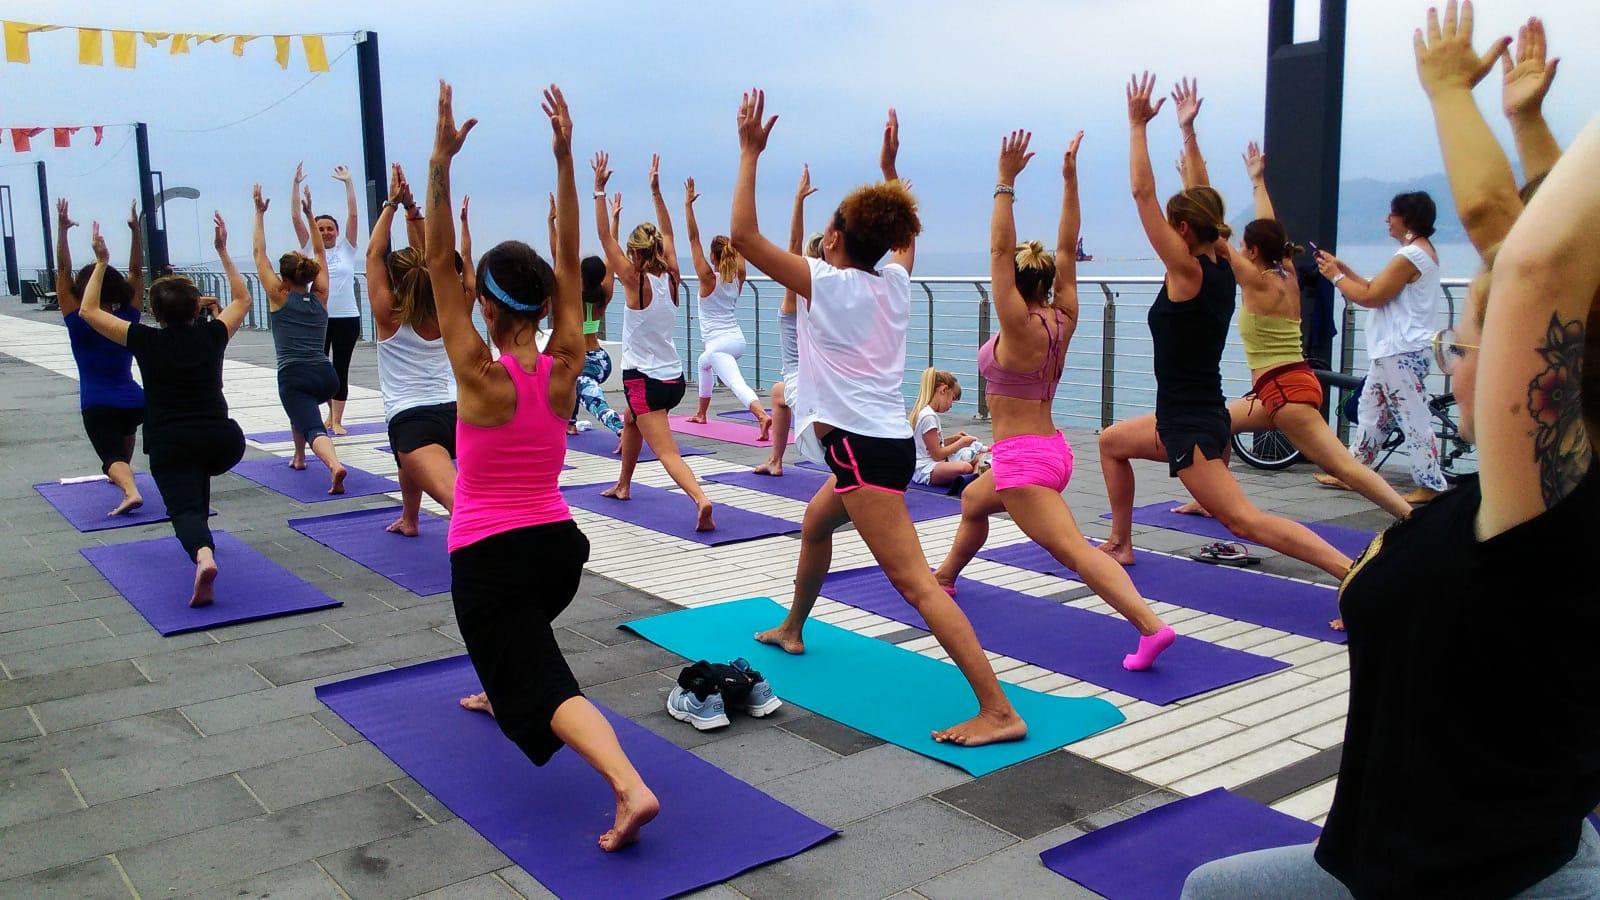 1_essere-free-yoga-gratuito-benessere-per-tutti-village-citta-alassio-estate-lucia-ragazzi-summer-town-wellness-084